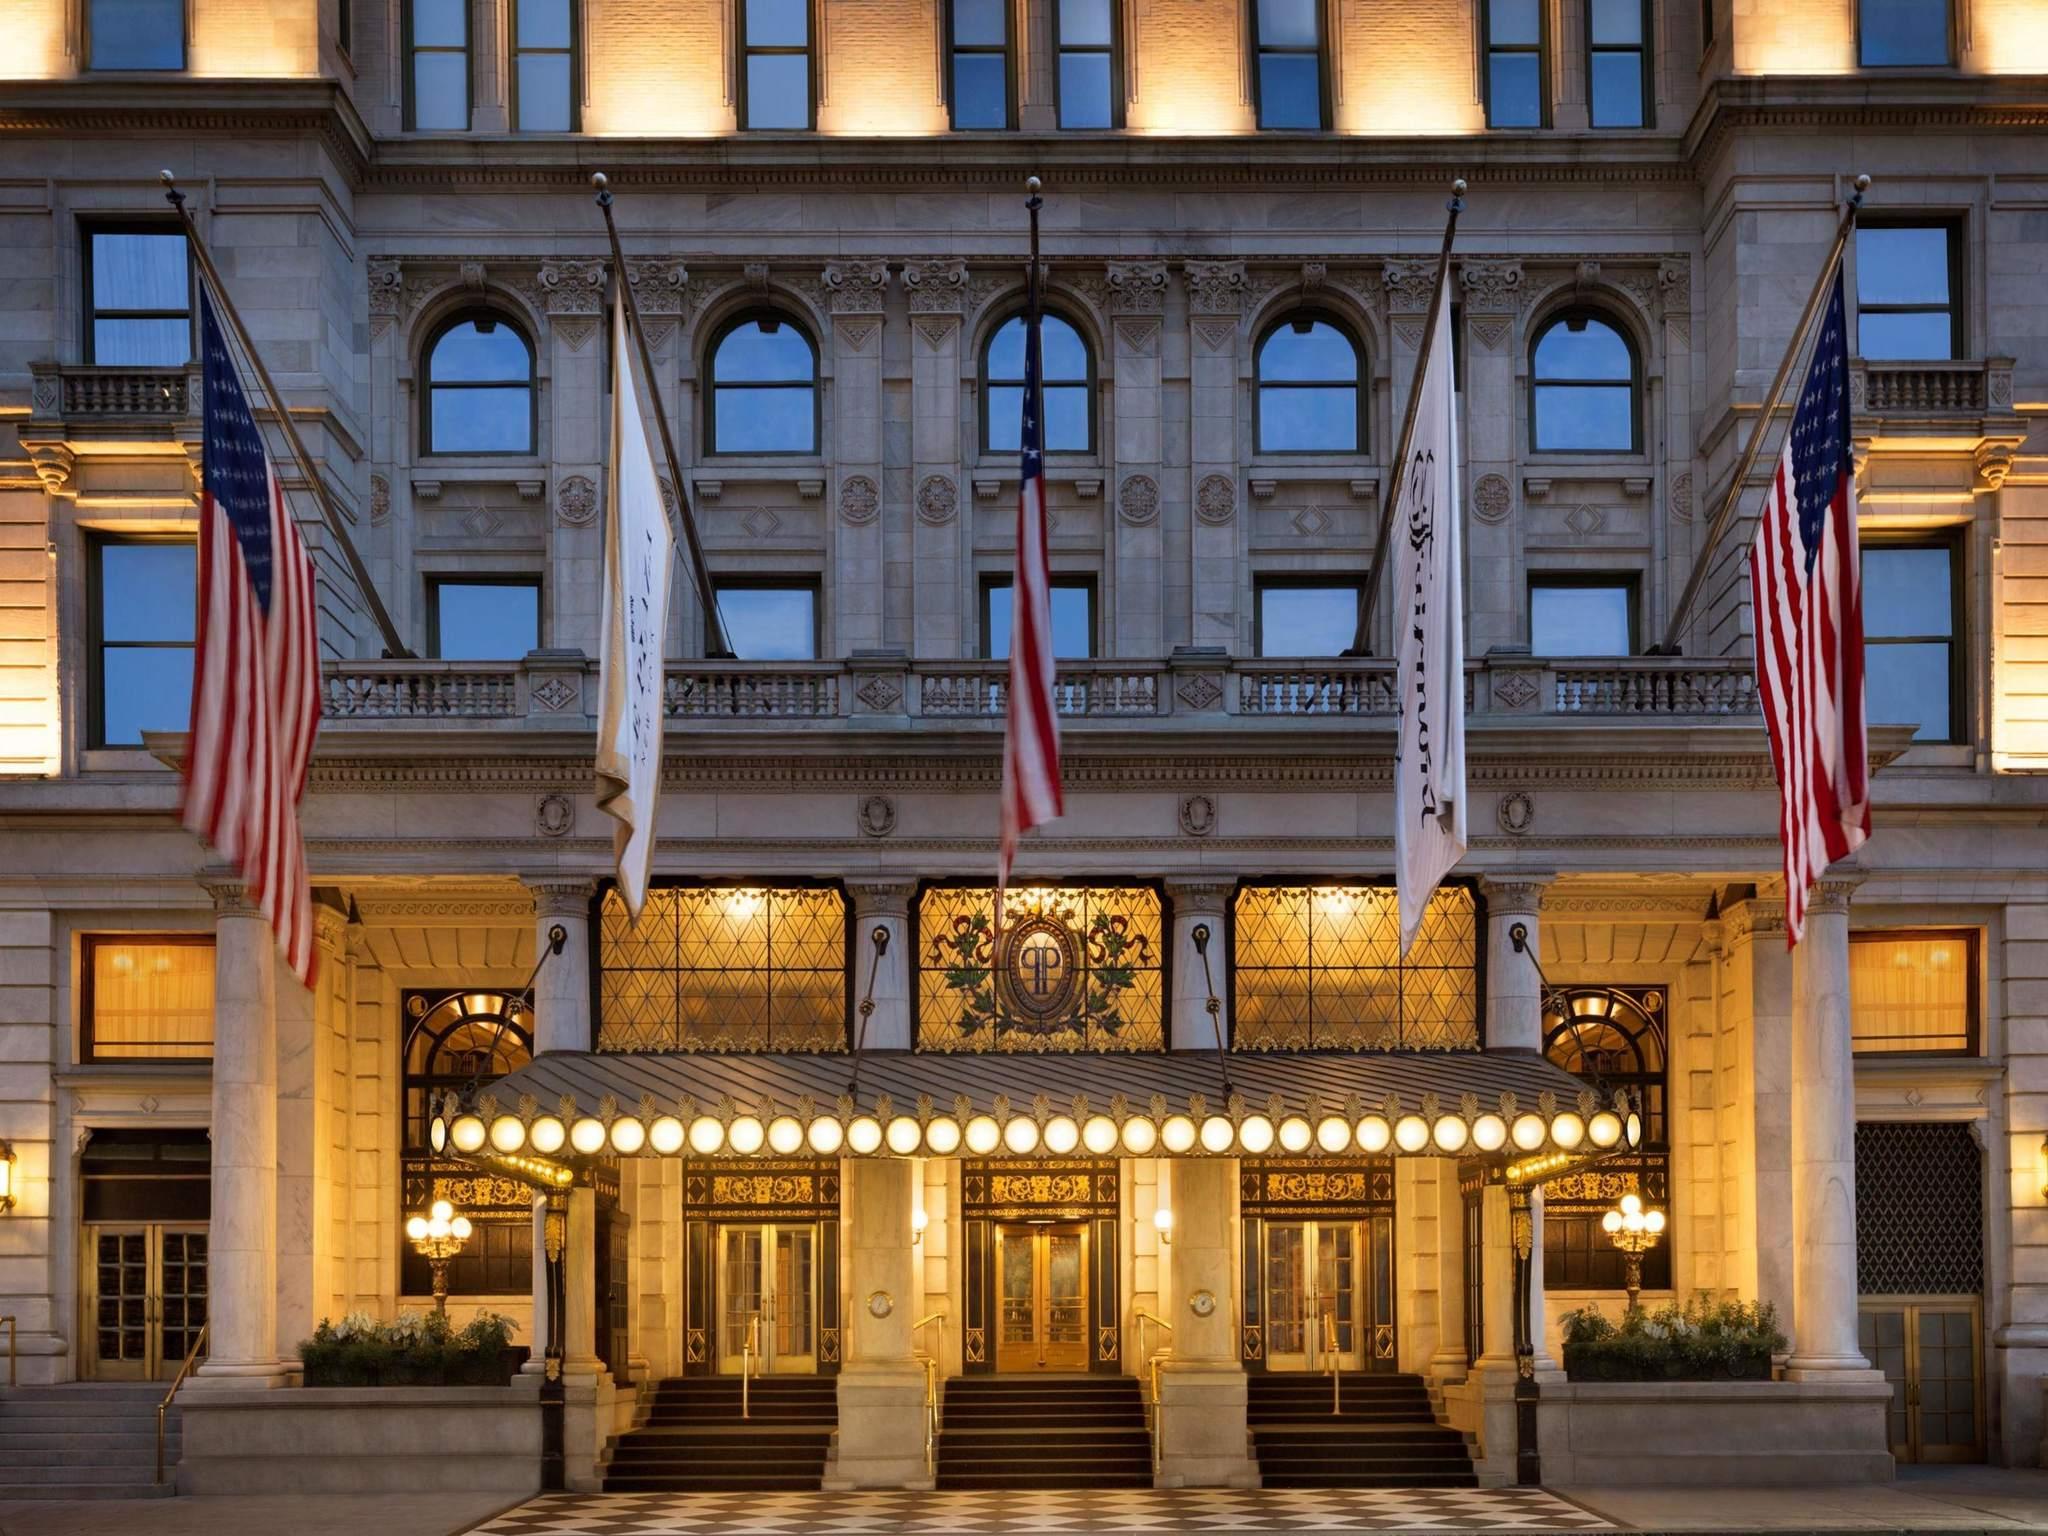 酒店 – Fairmont 旗下的 The Plaza 酒店